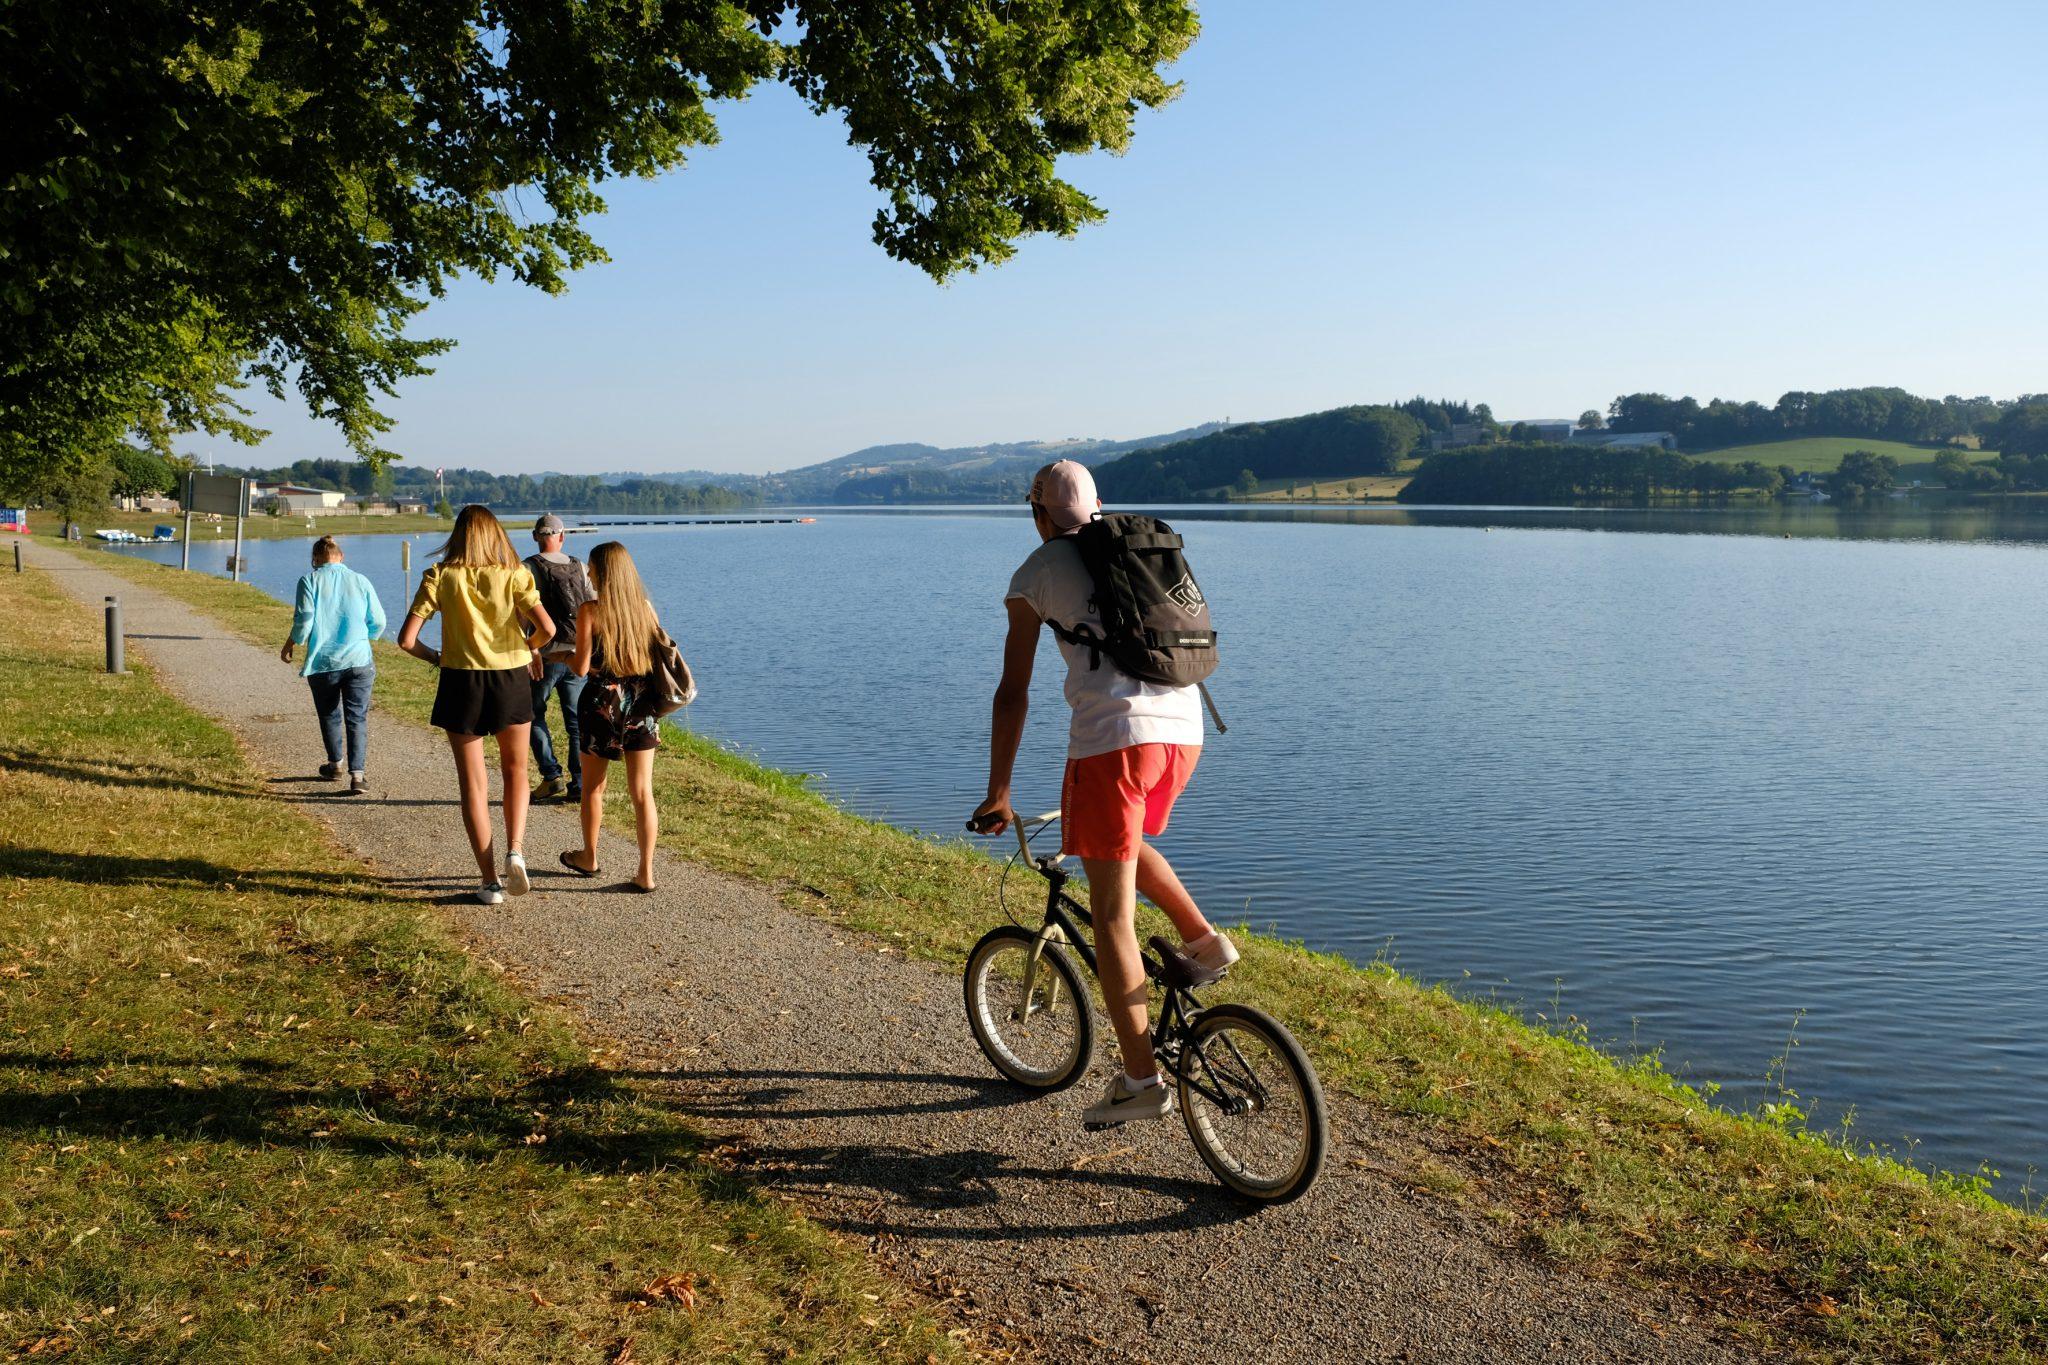 tour-lac-villefranche-panat-alrance